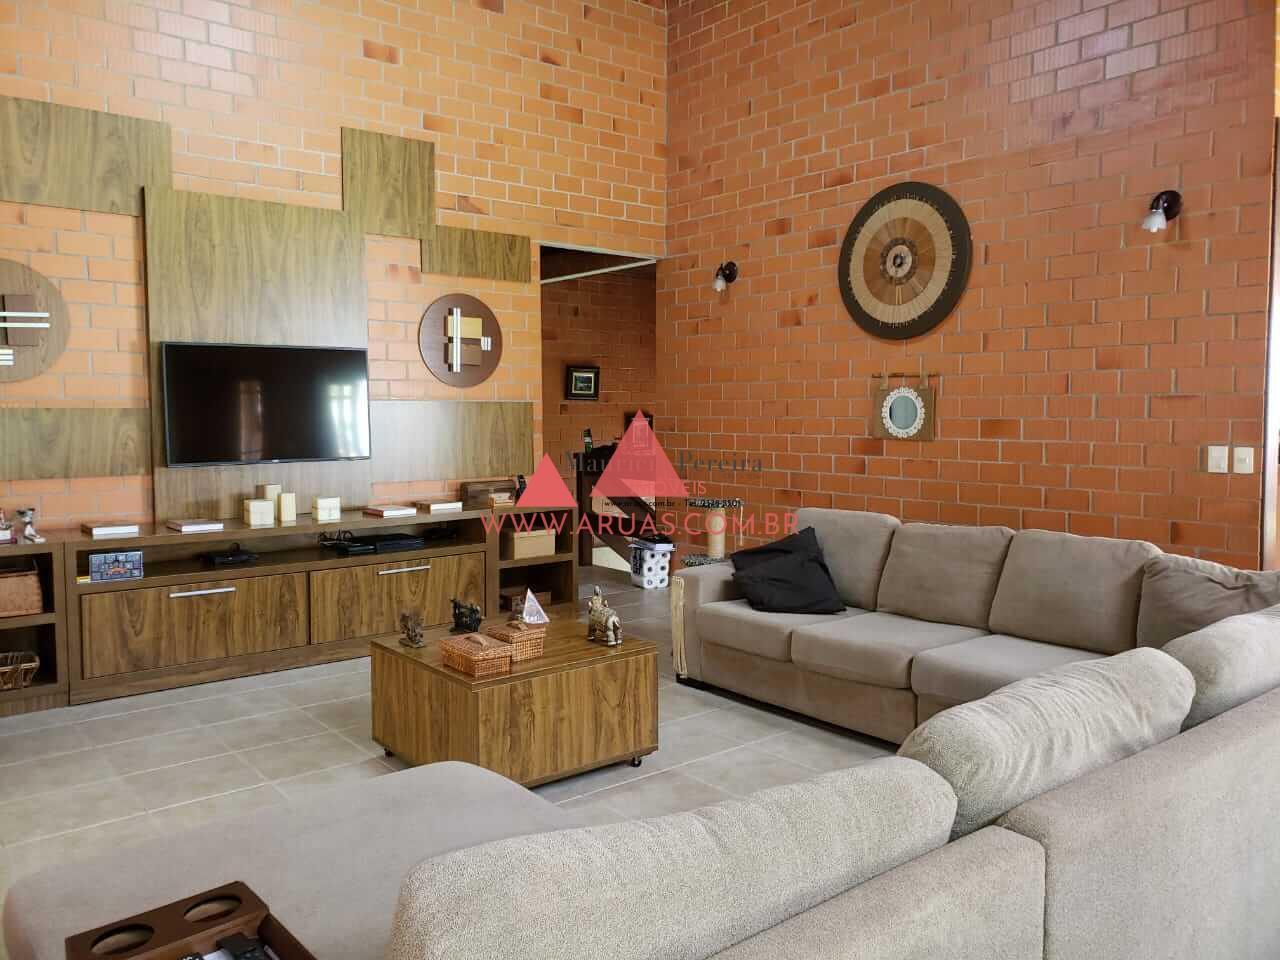 Casa Confortável Aruã Lagos